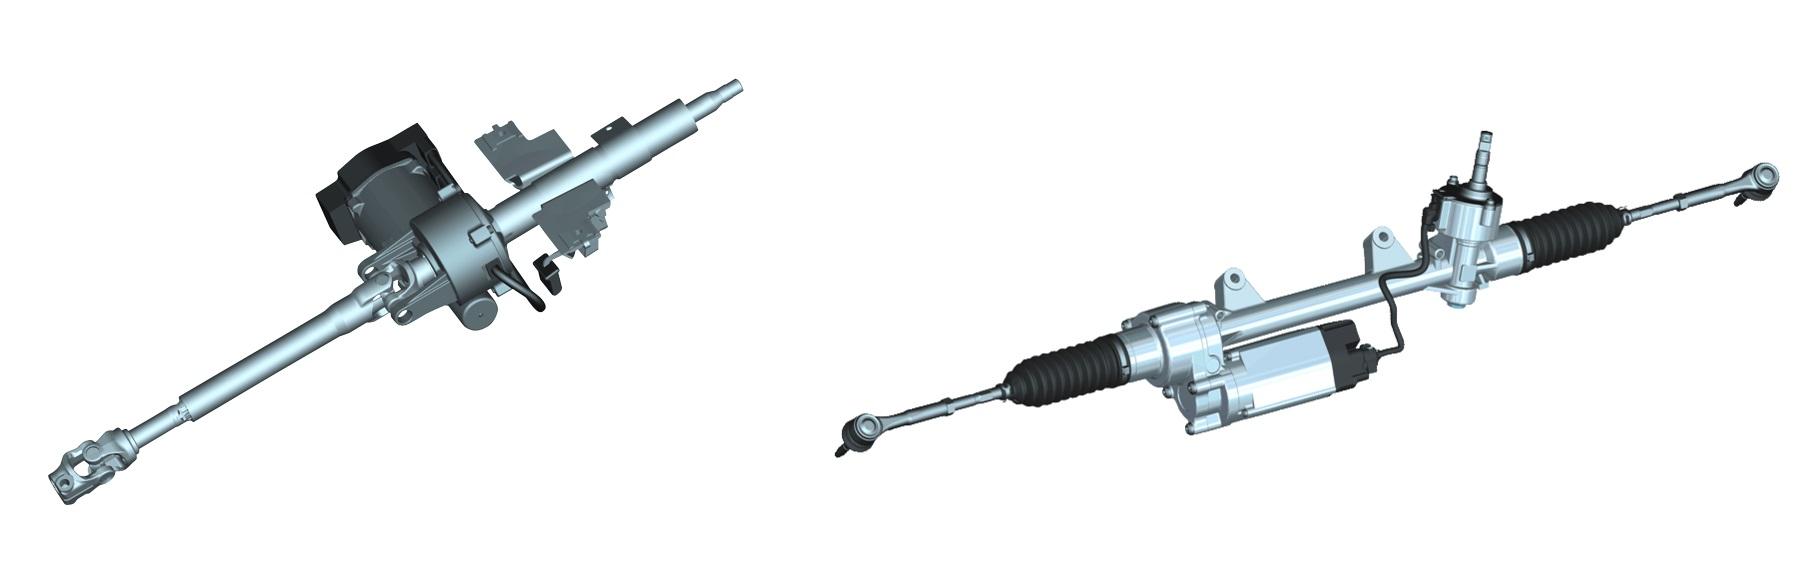 Dirección asistida eléctrica - disposición del motor eléctrico - Bosch